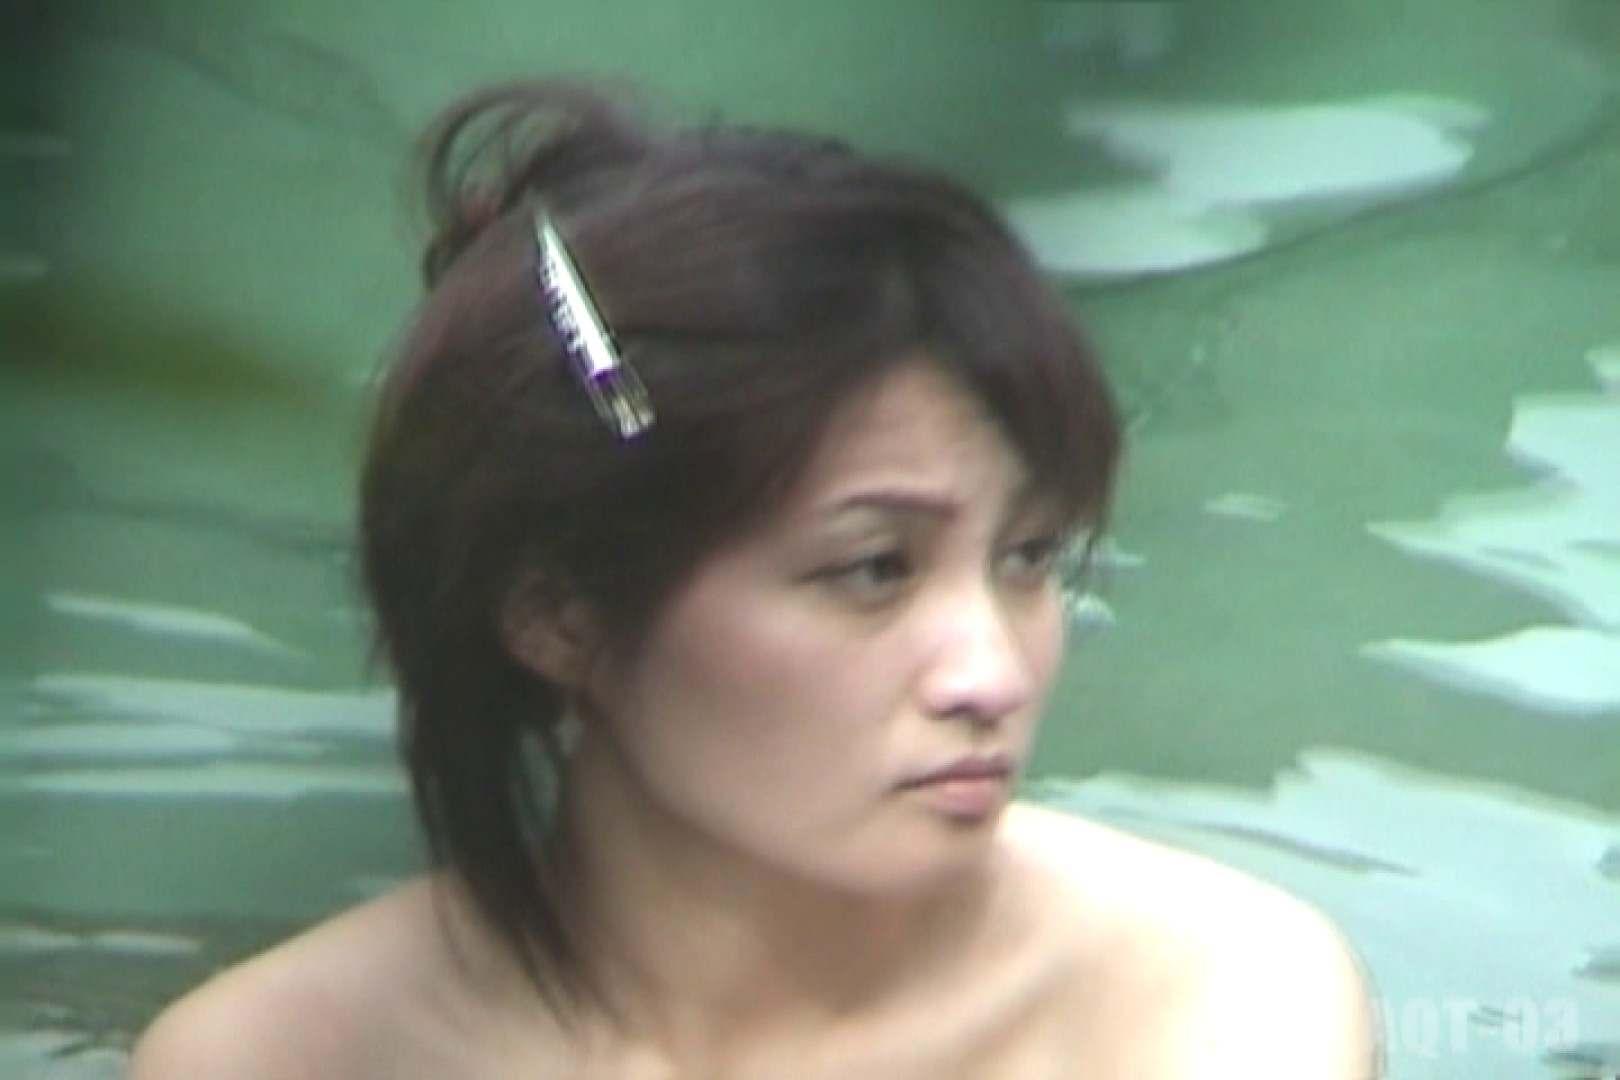 Aquaな露天風呂Vol.727 露天 えろ無修正画像 110PICs 68